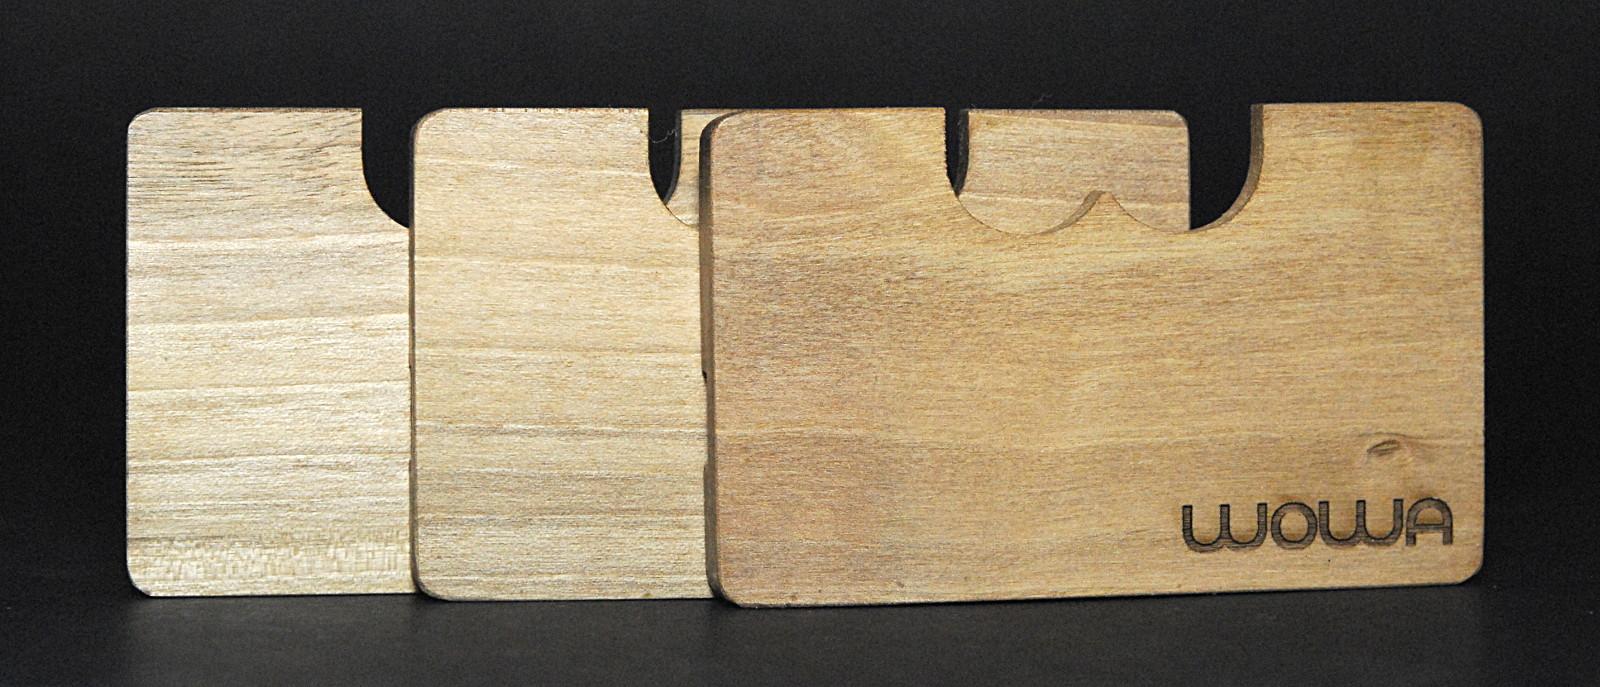 WOWA Gdansk Walnut, product photo 1